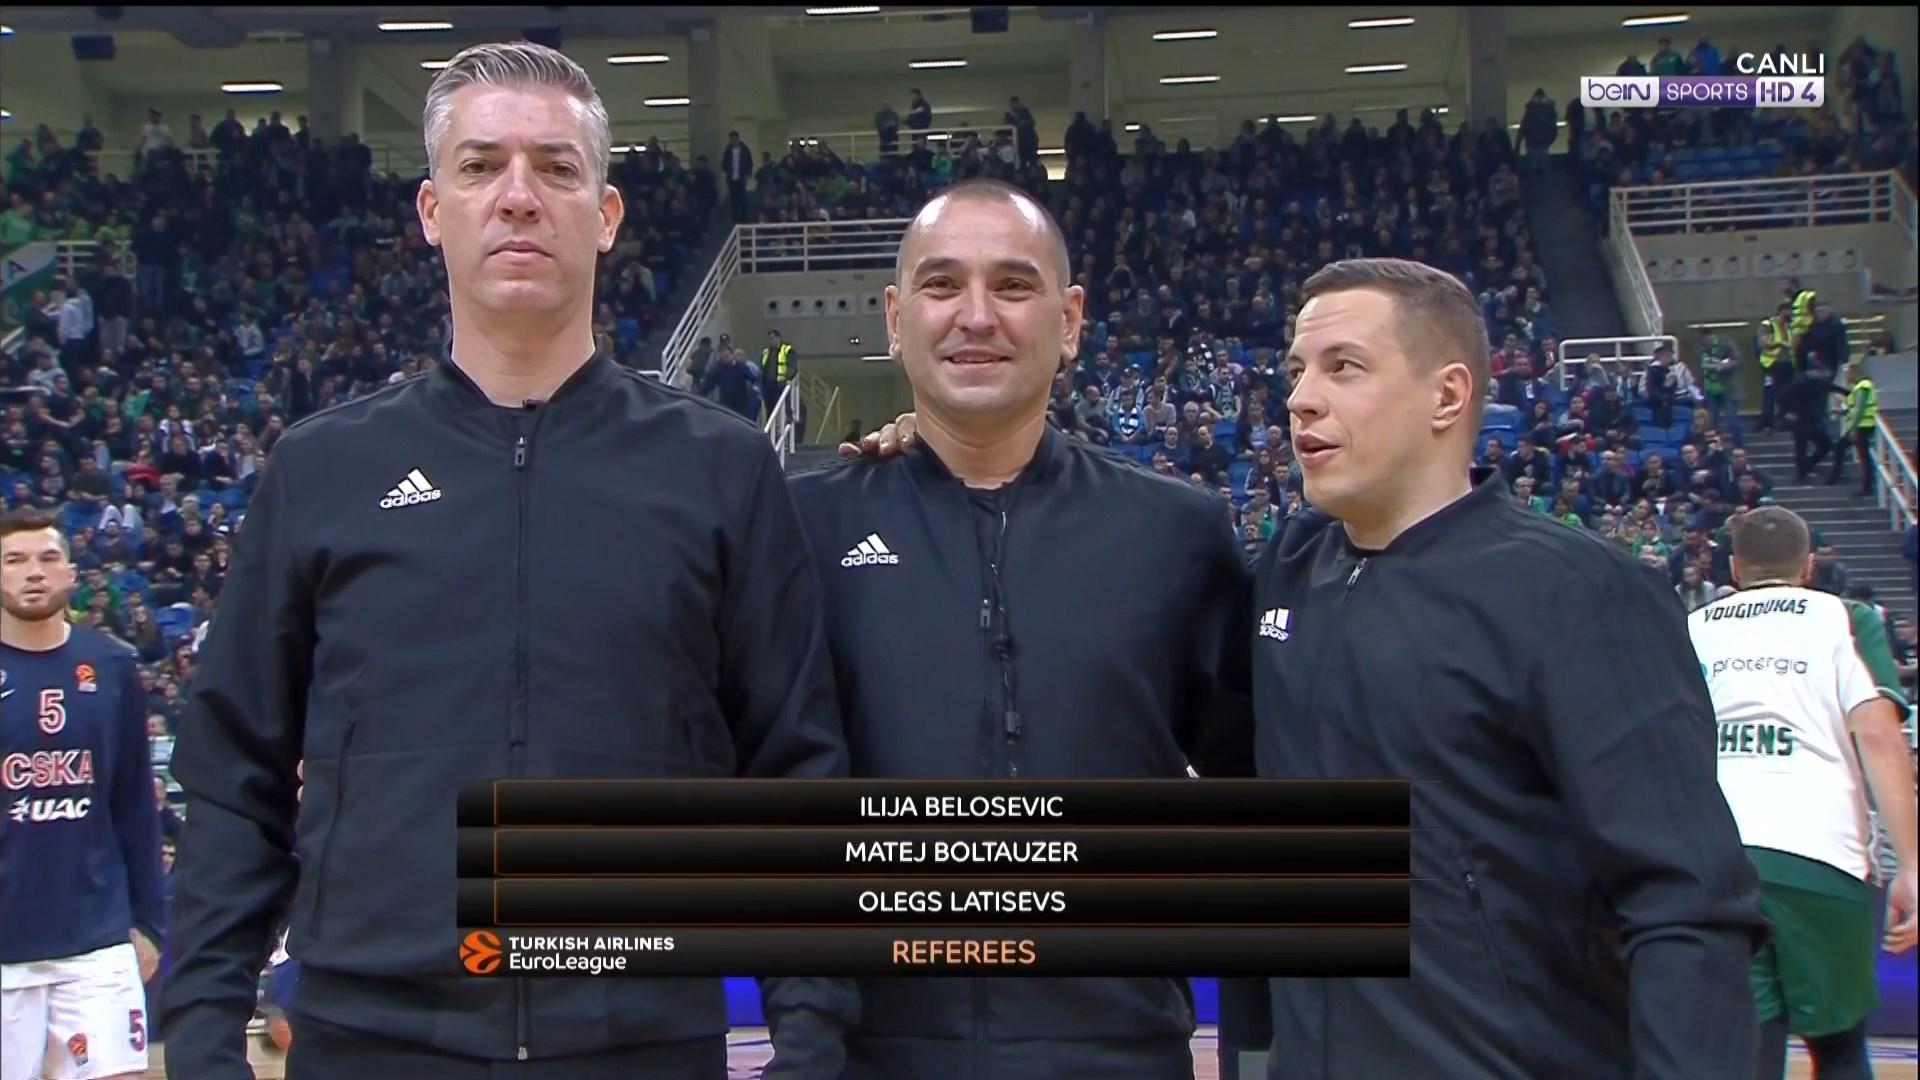 Cska Panathinaikos Hd: HDFTBLL: EuroLeague 18/19